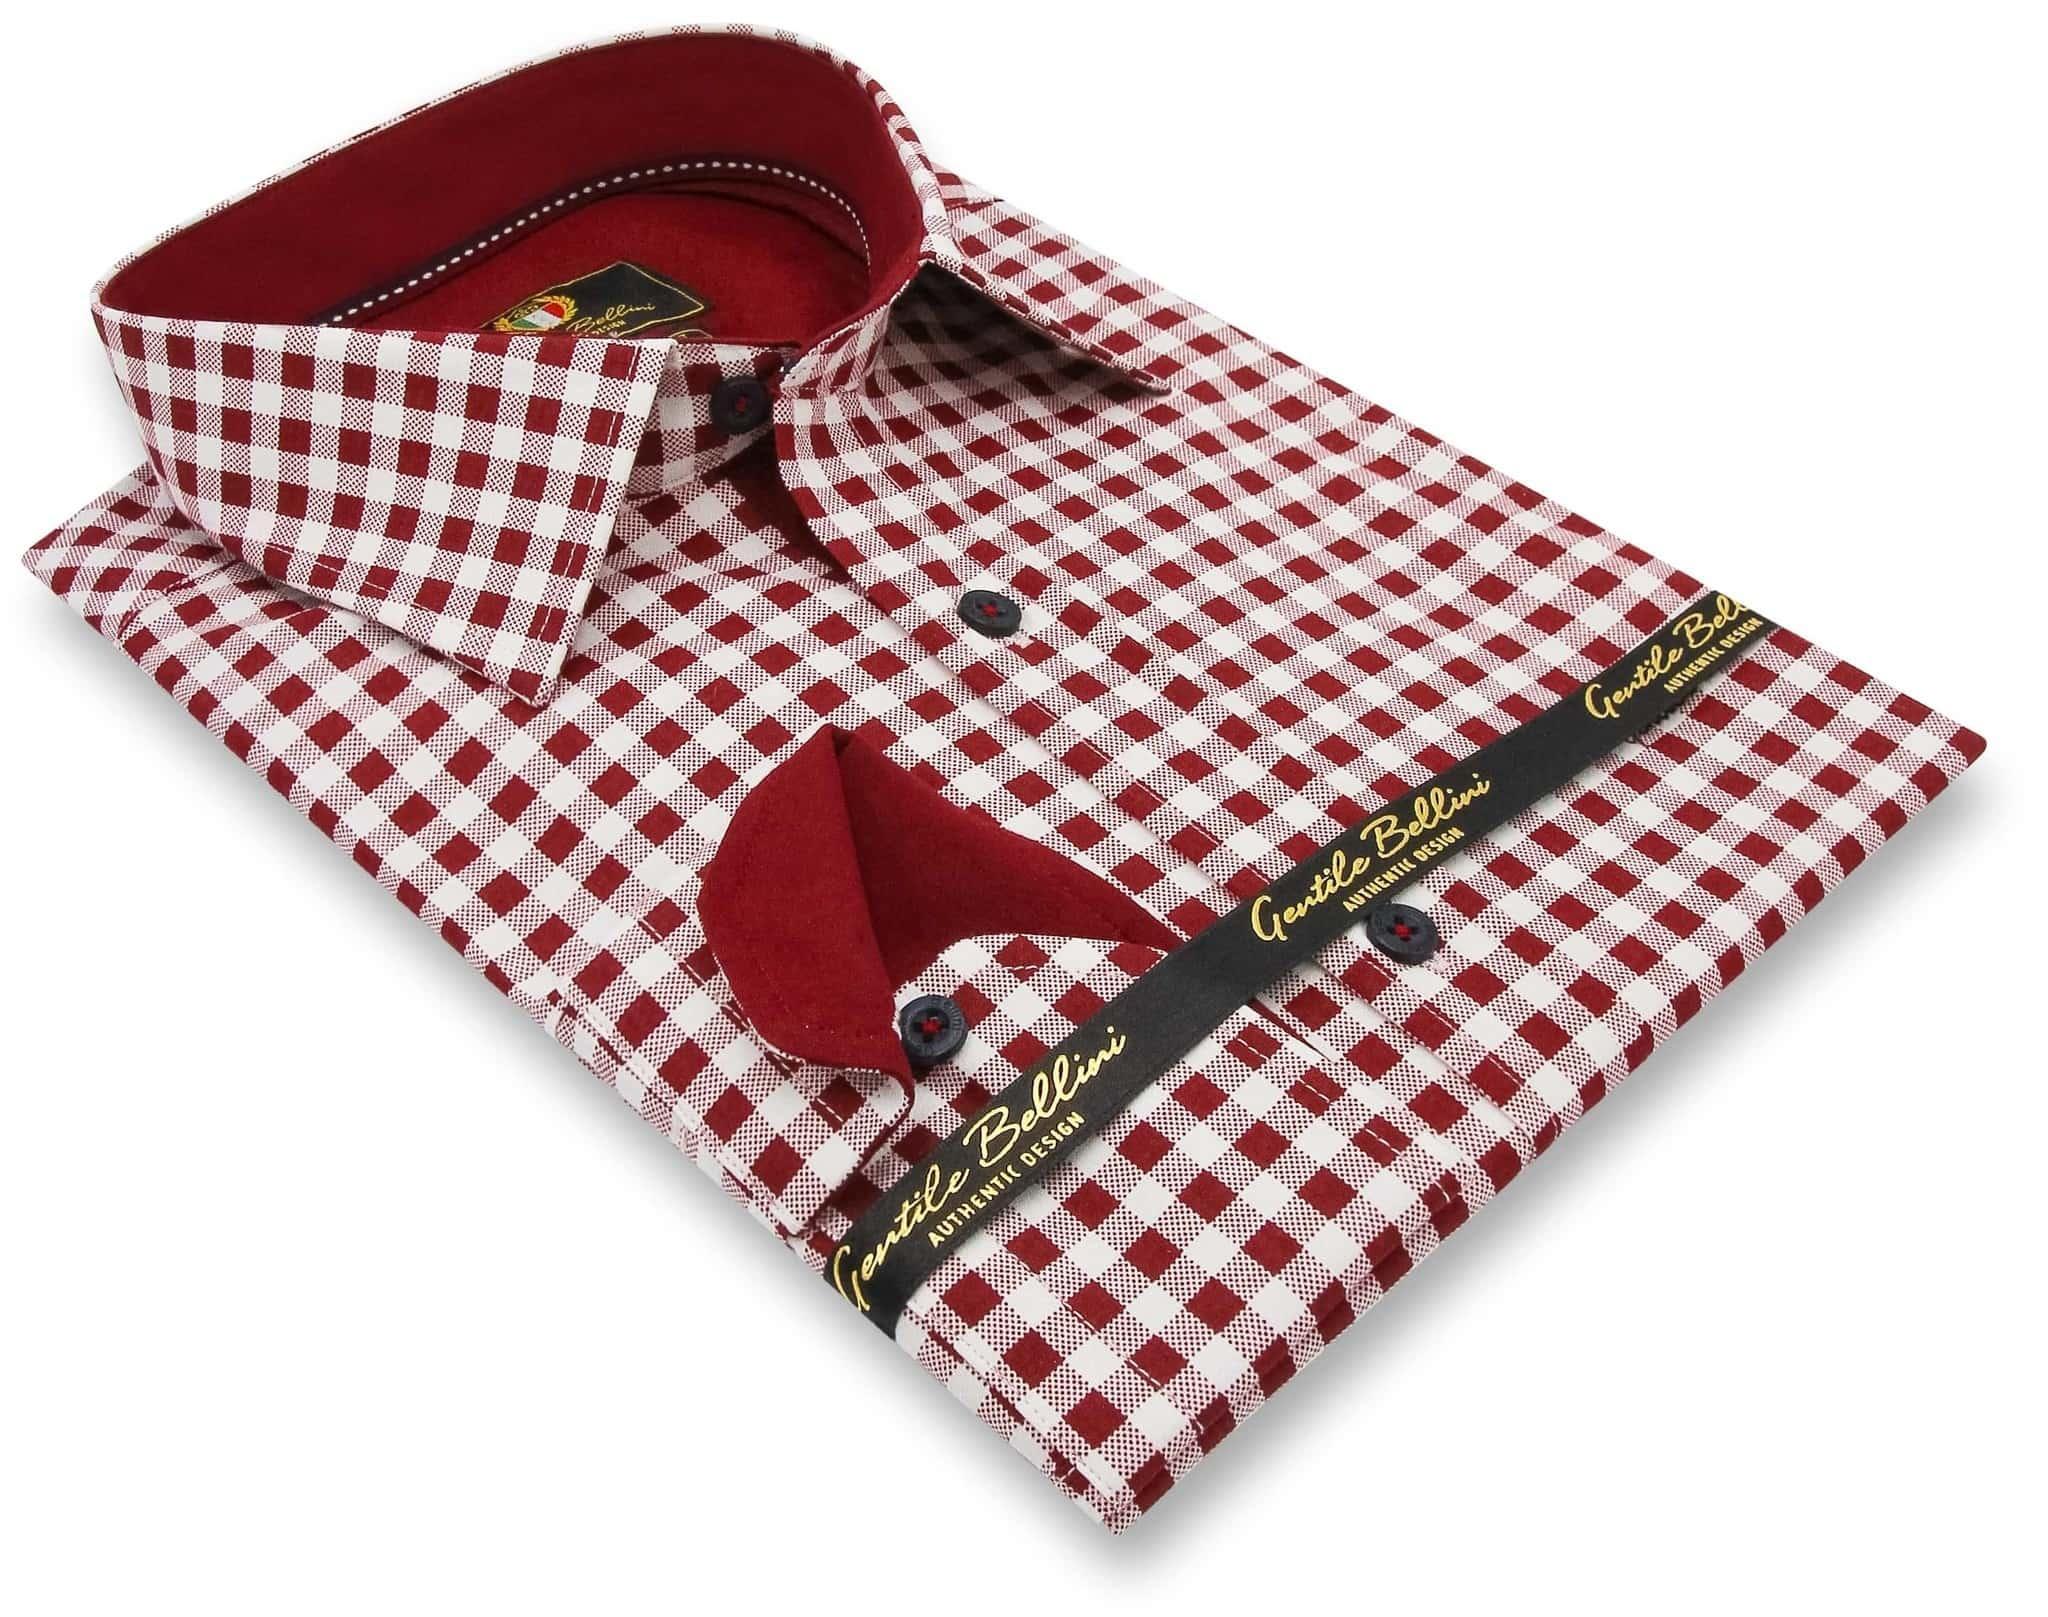 Heren Overhemd - Boerenruit - Wit-3